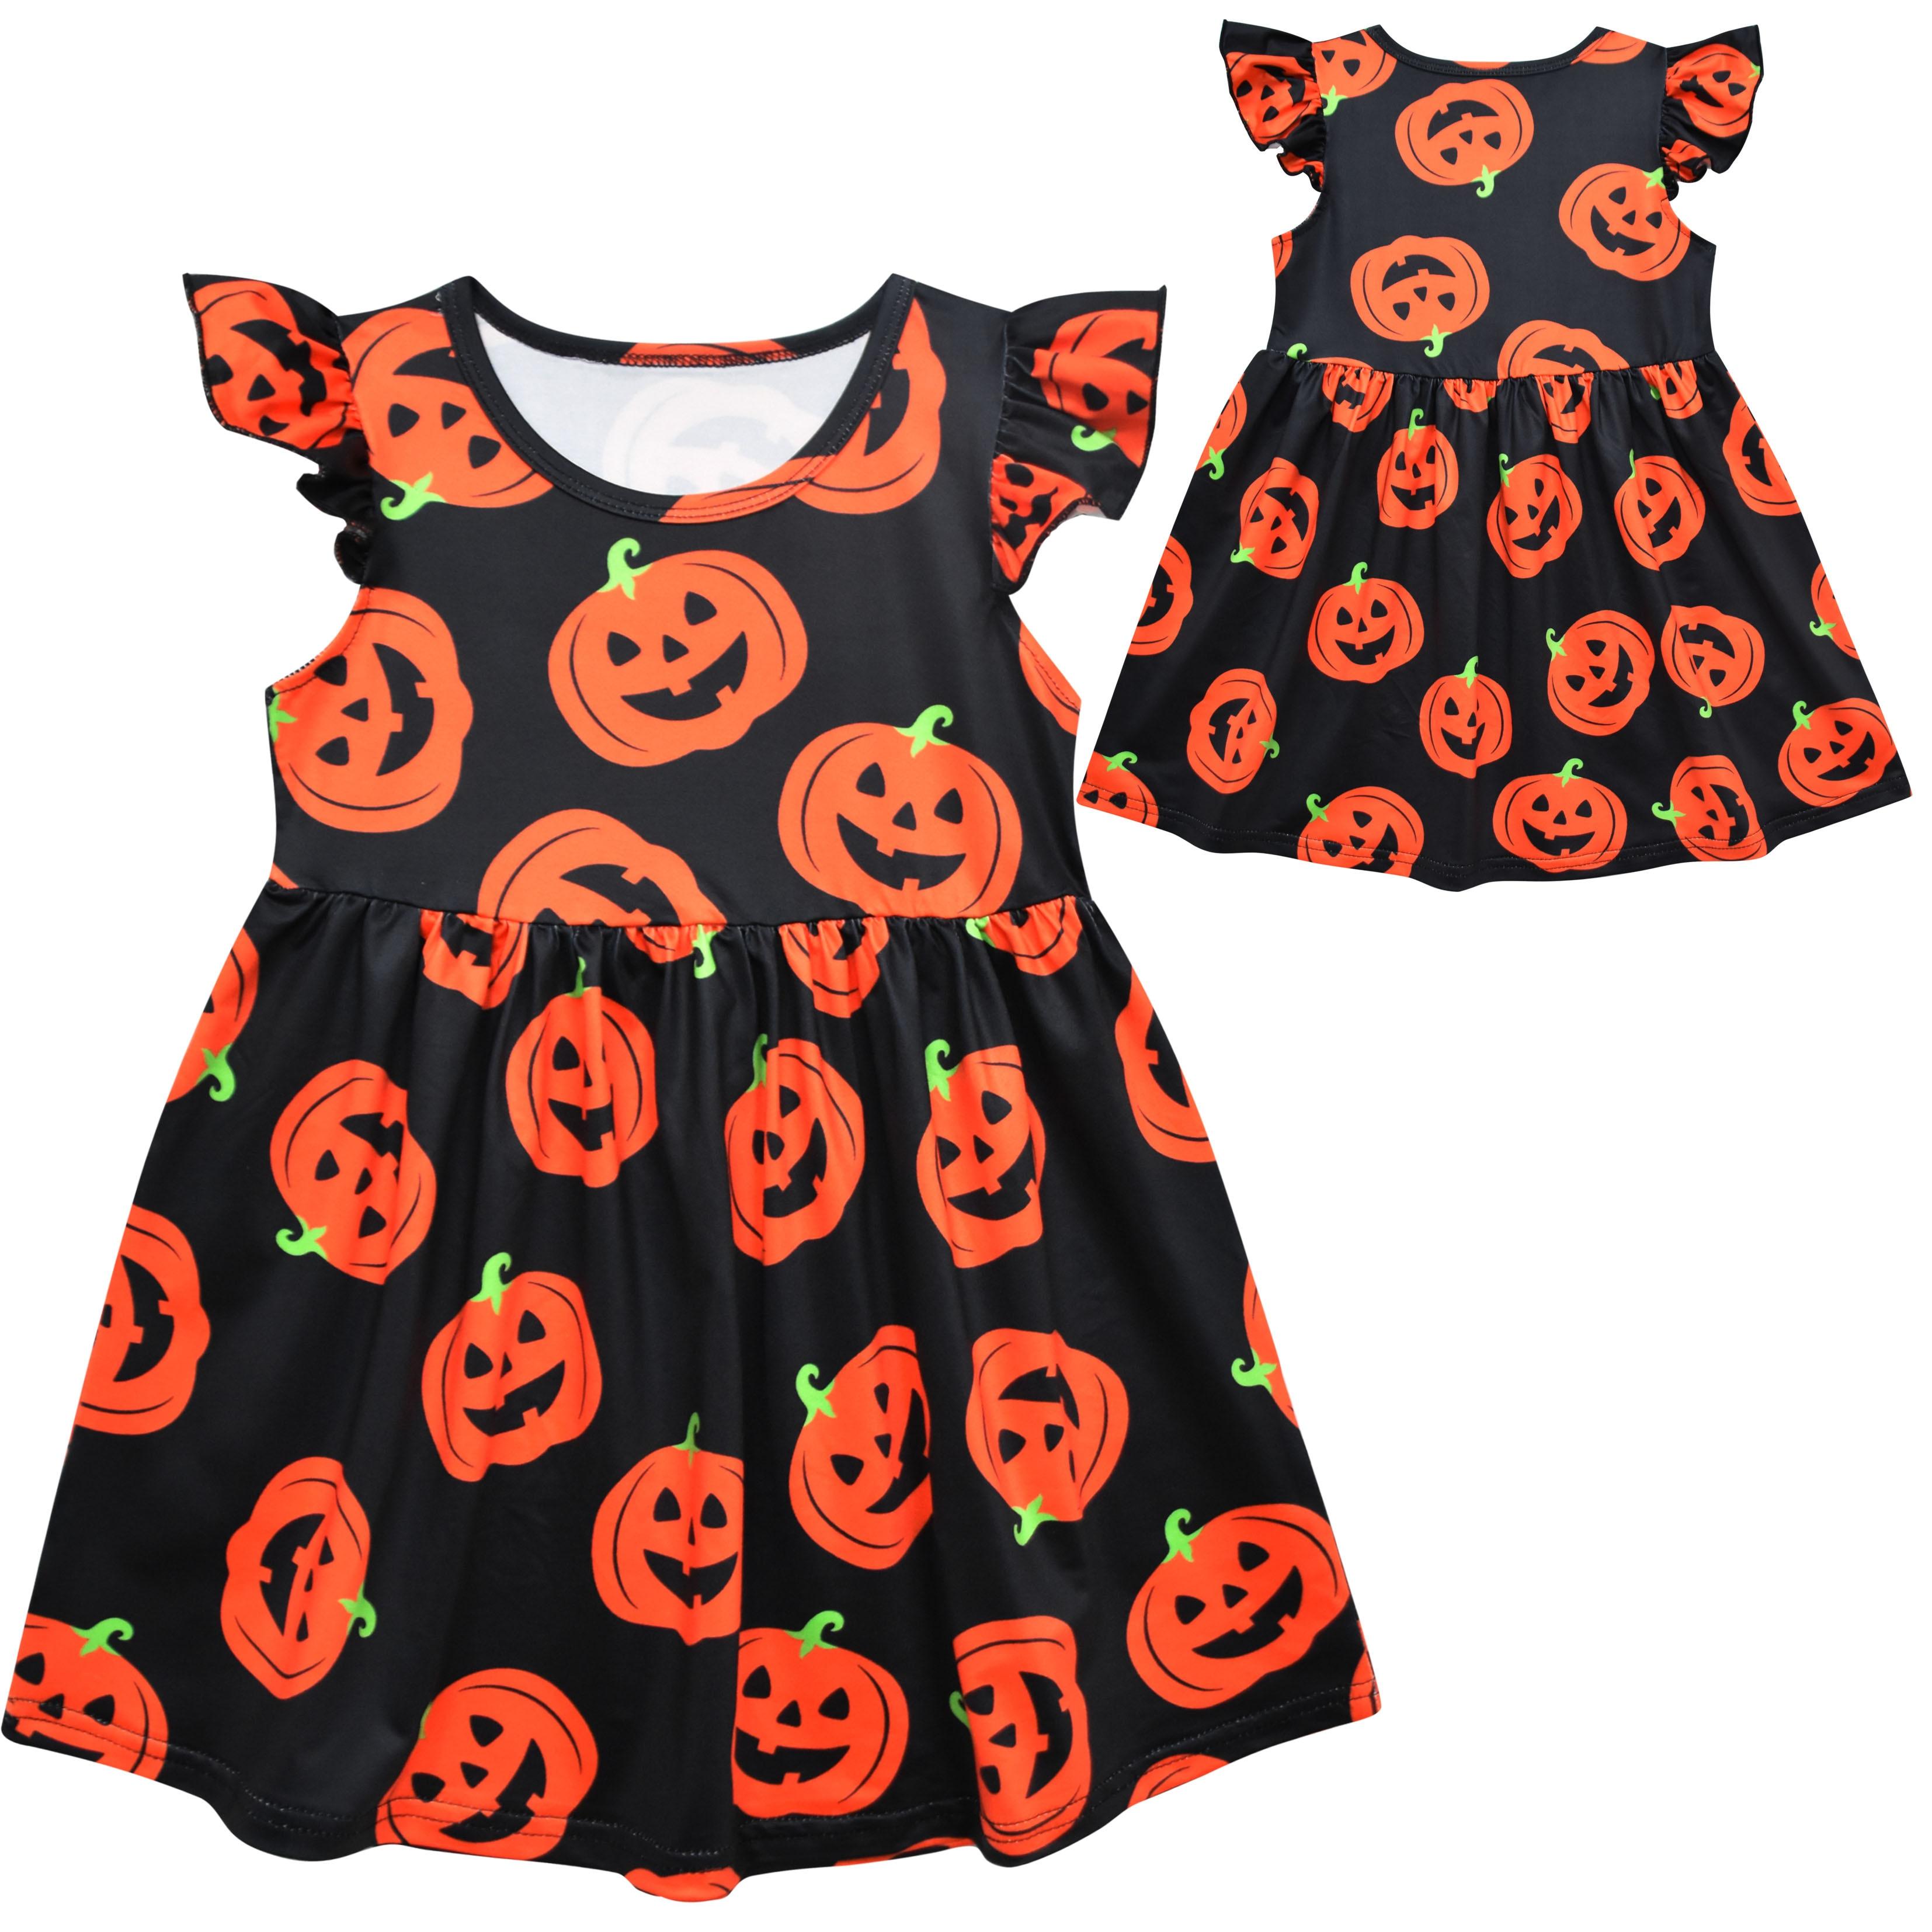 Girls Halloween Pumpkin Dress Flutter Sleeve Printed baby girl clothes